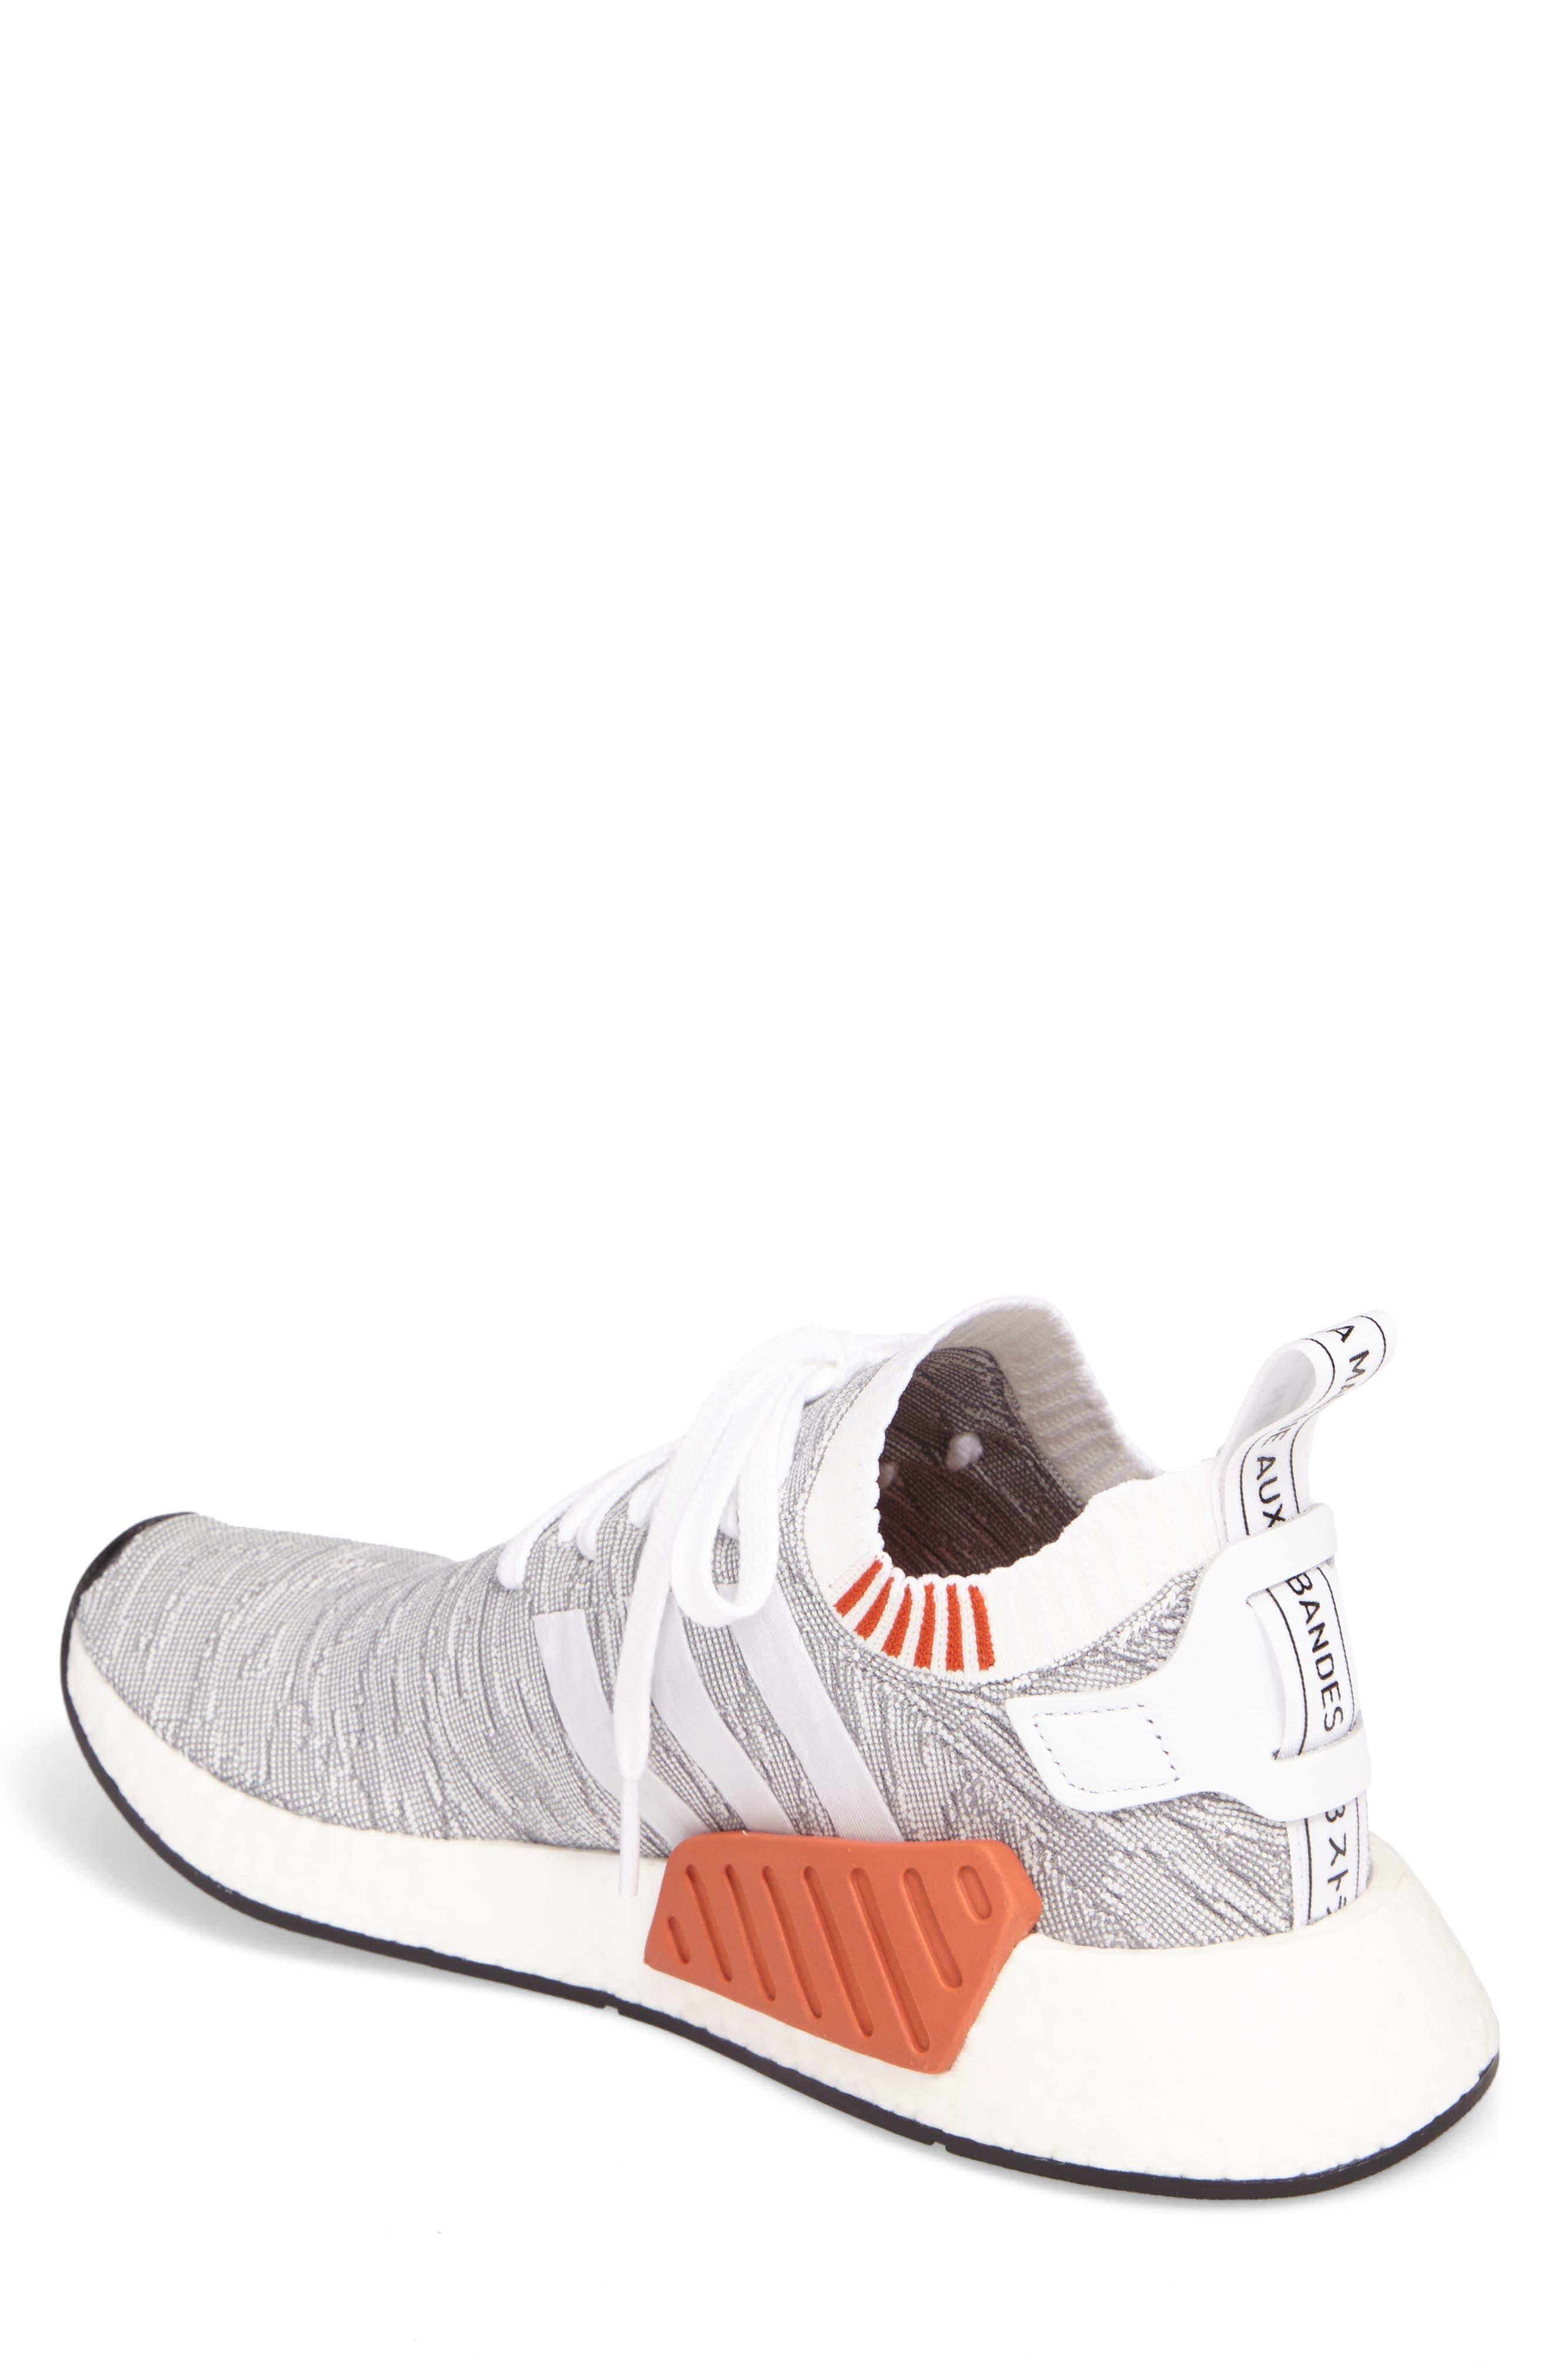 Alternate Image 2  - adidas NMD R2 Primeknit Running Shoe (Men)